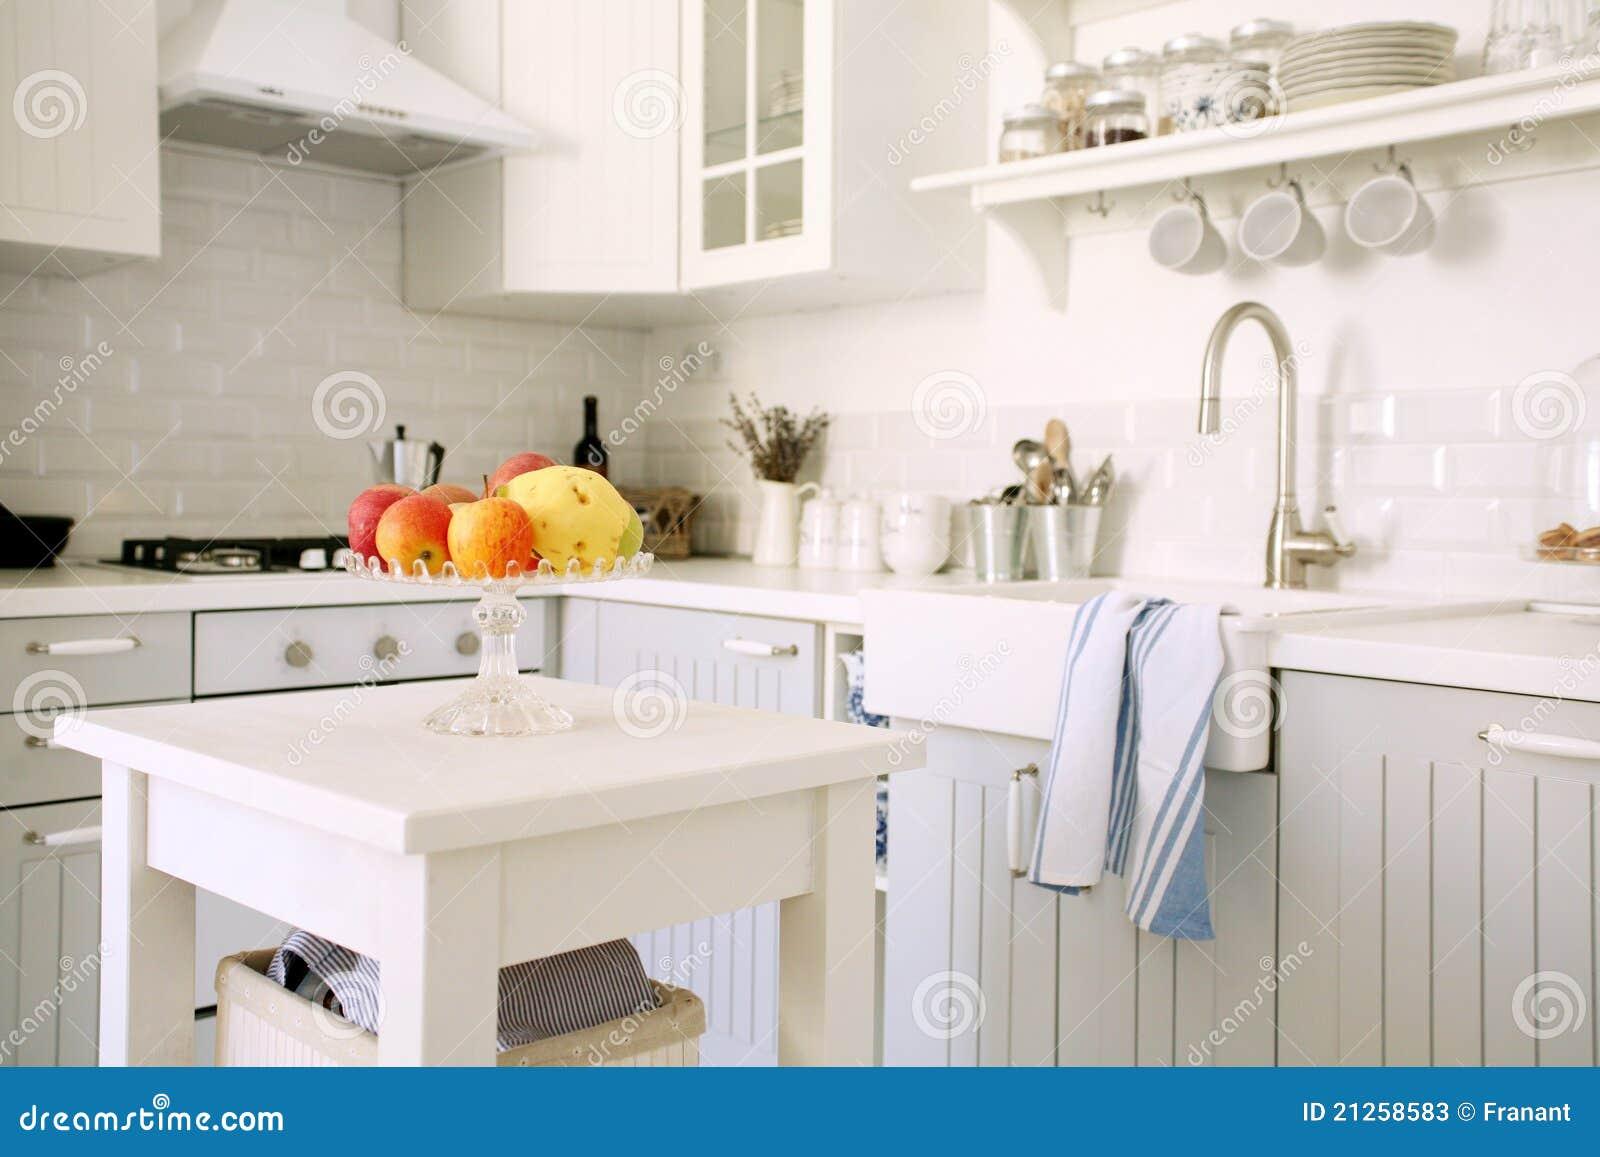 Küche mit Früchten